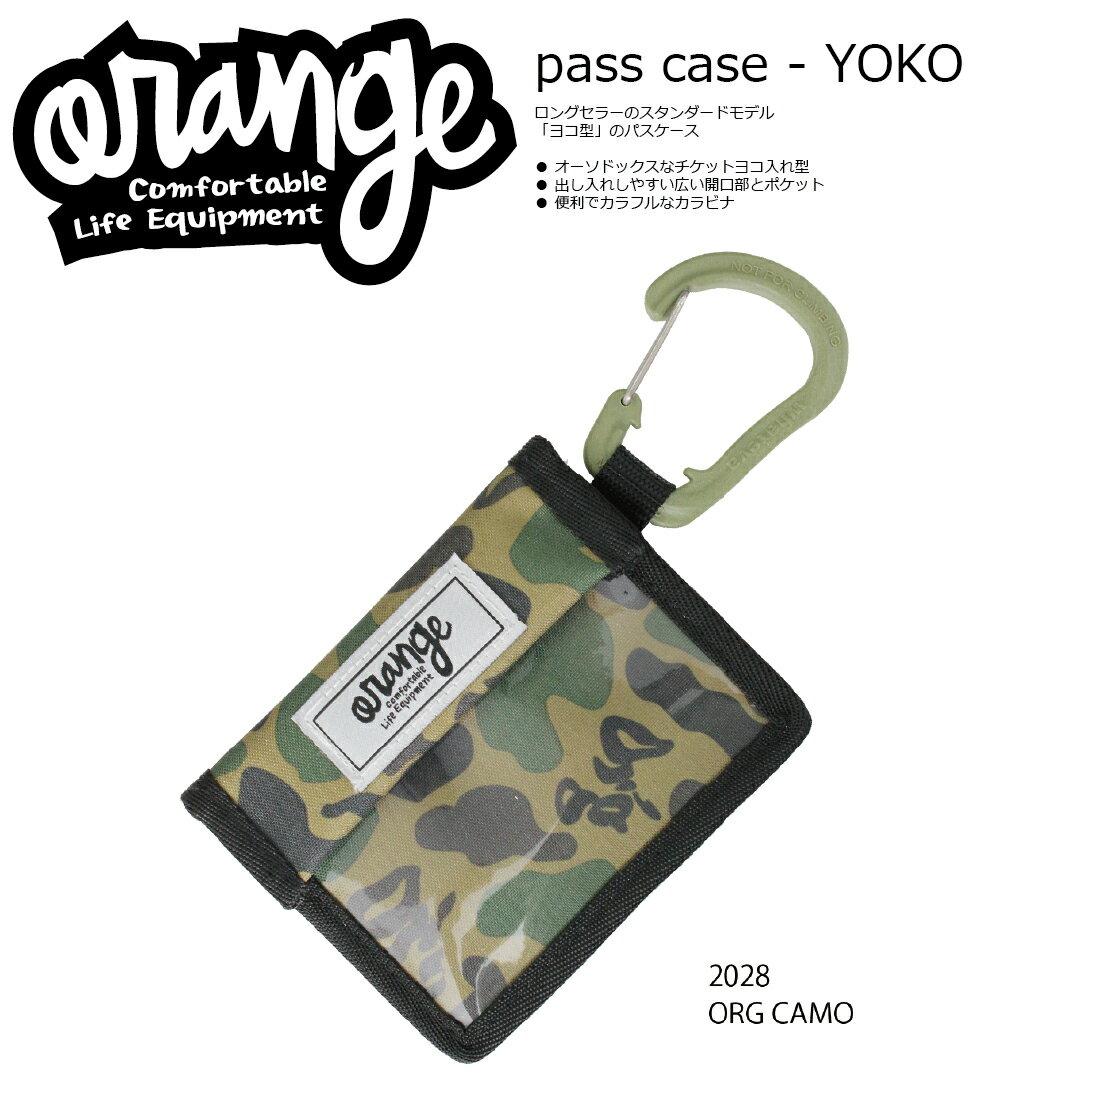 Oran'ge Pass-Case YOKO カラビナ付 2028 ORG CAMO オレンジ パスケース 横タイプ ヨコ 収納ポケット付 2017 2017-18